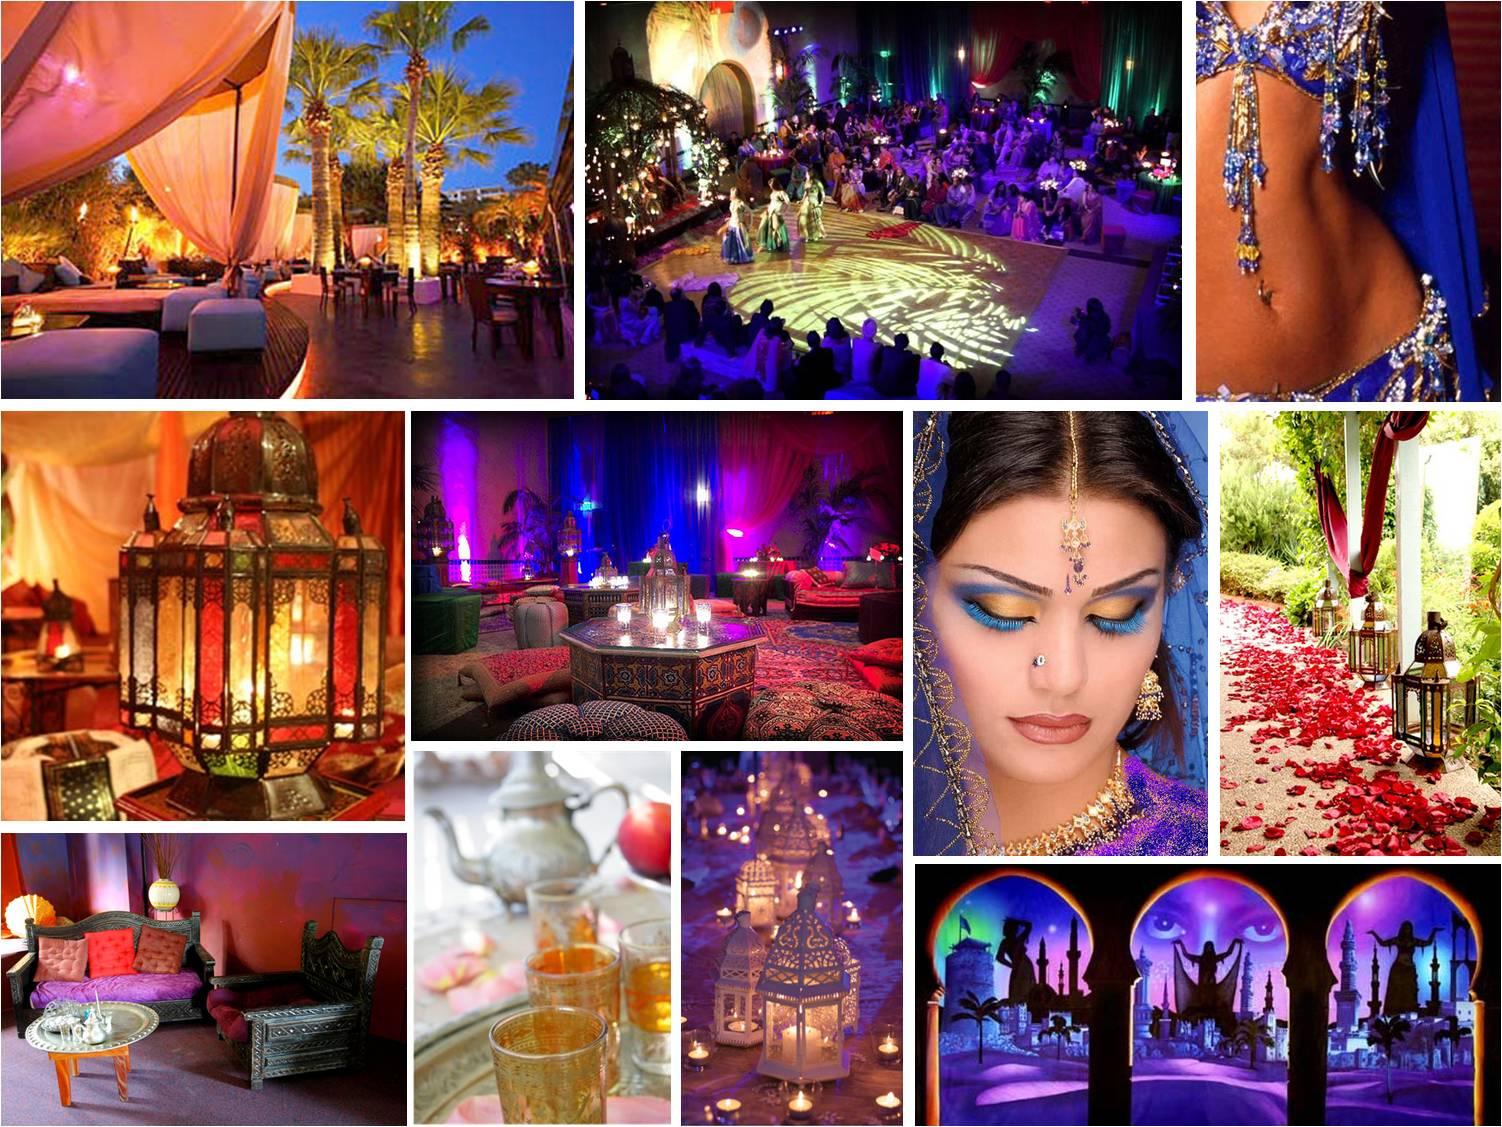 Wedding planning tips my riviera wedding for Arabian wedding decoration ideas